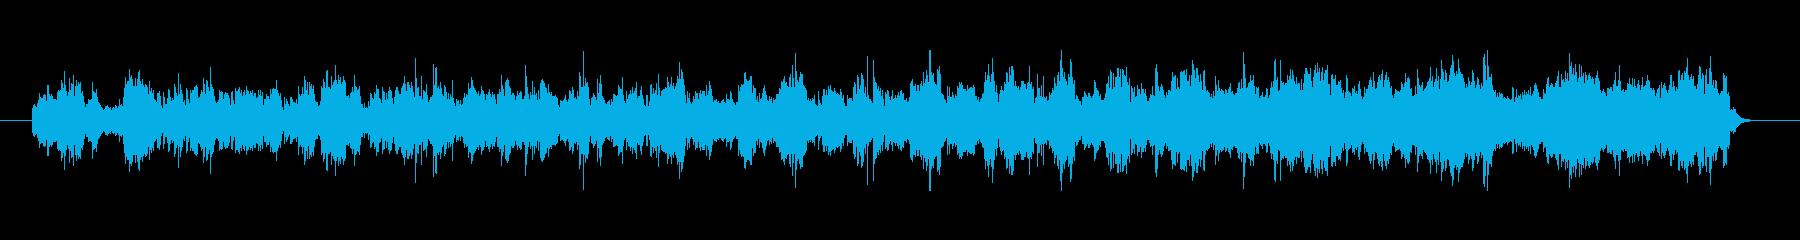 愛らしい音色のバラードの再生済みの波形